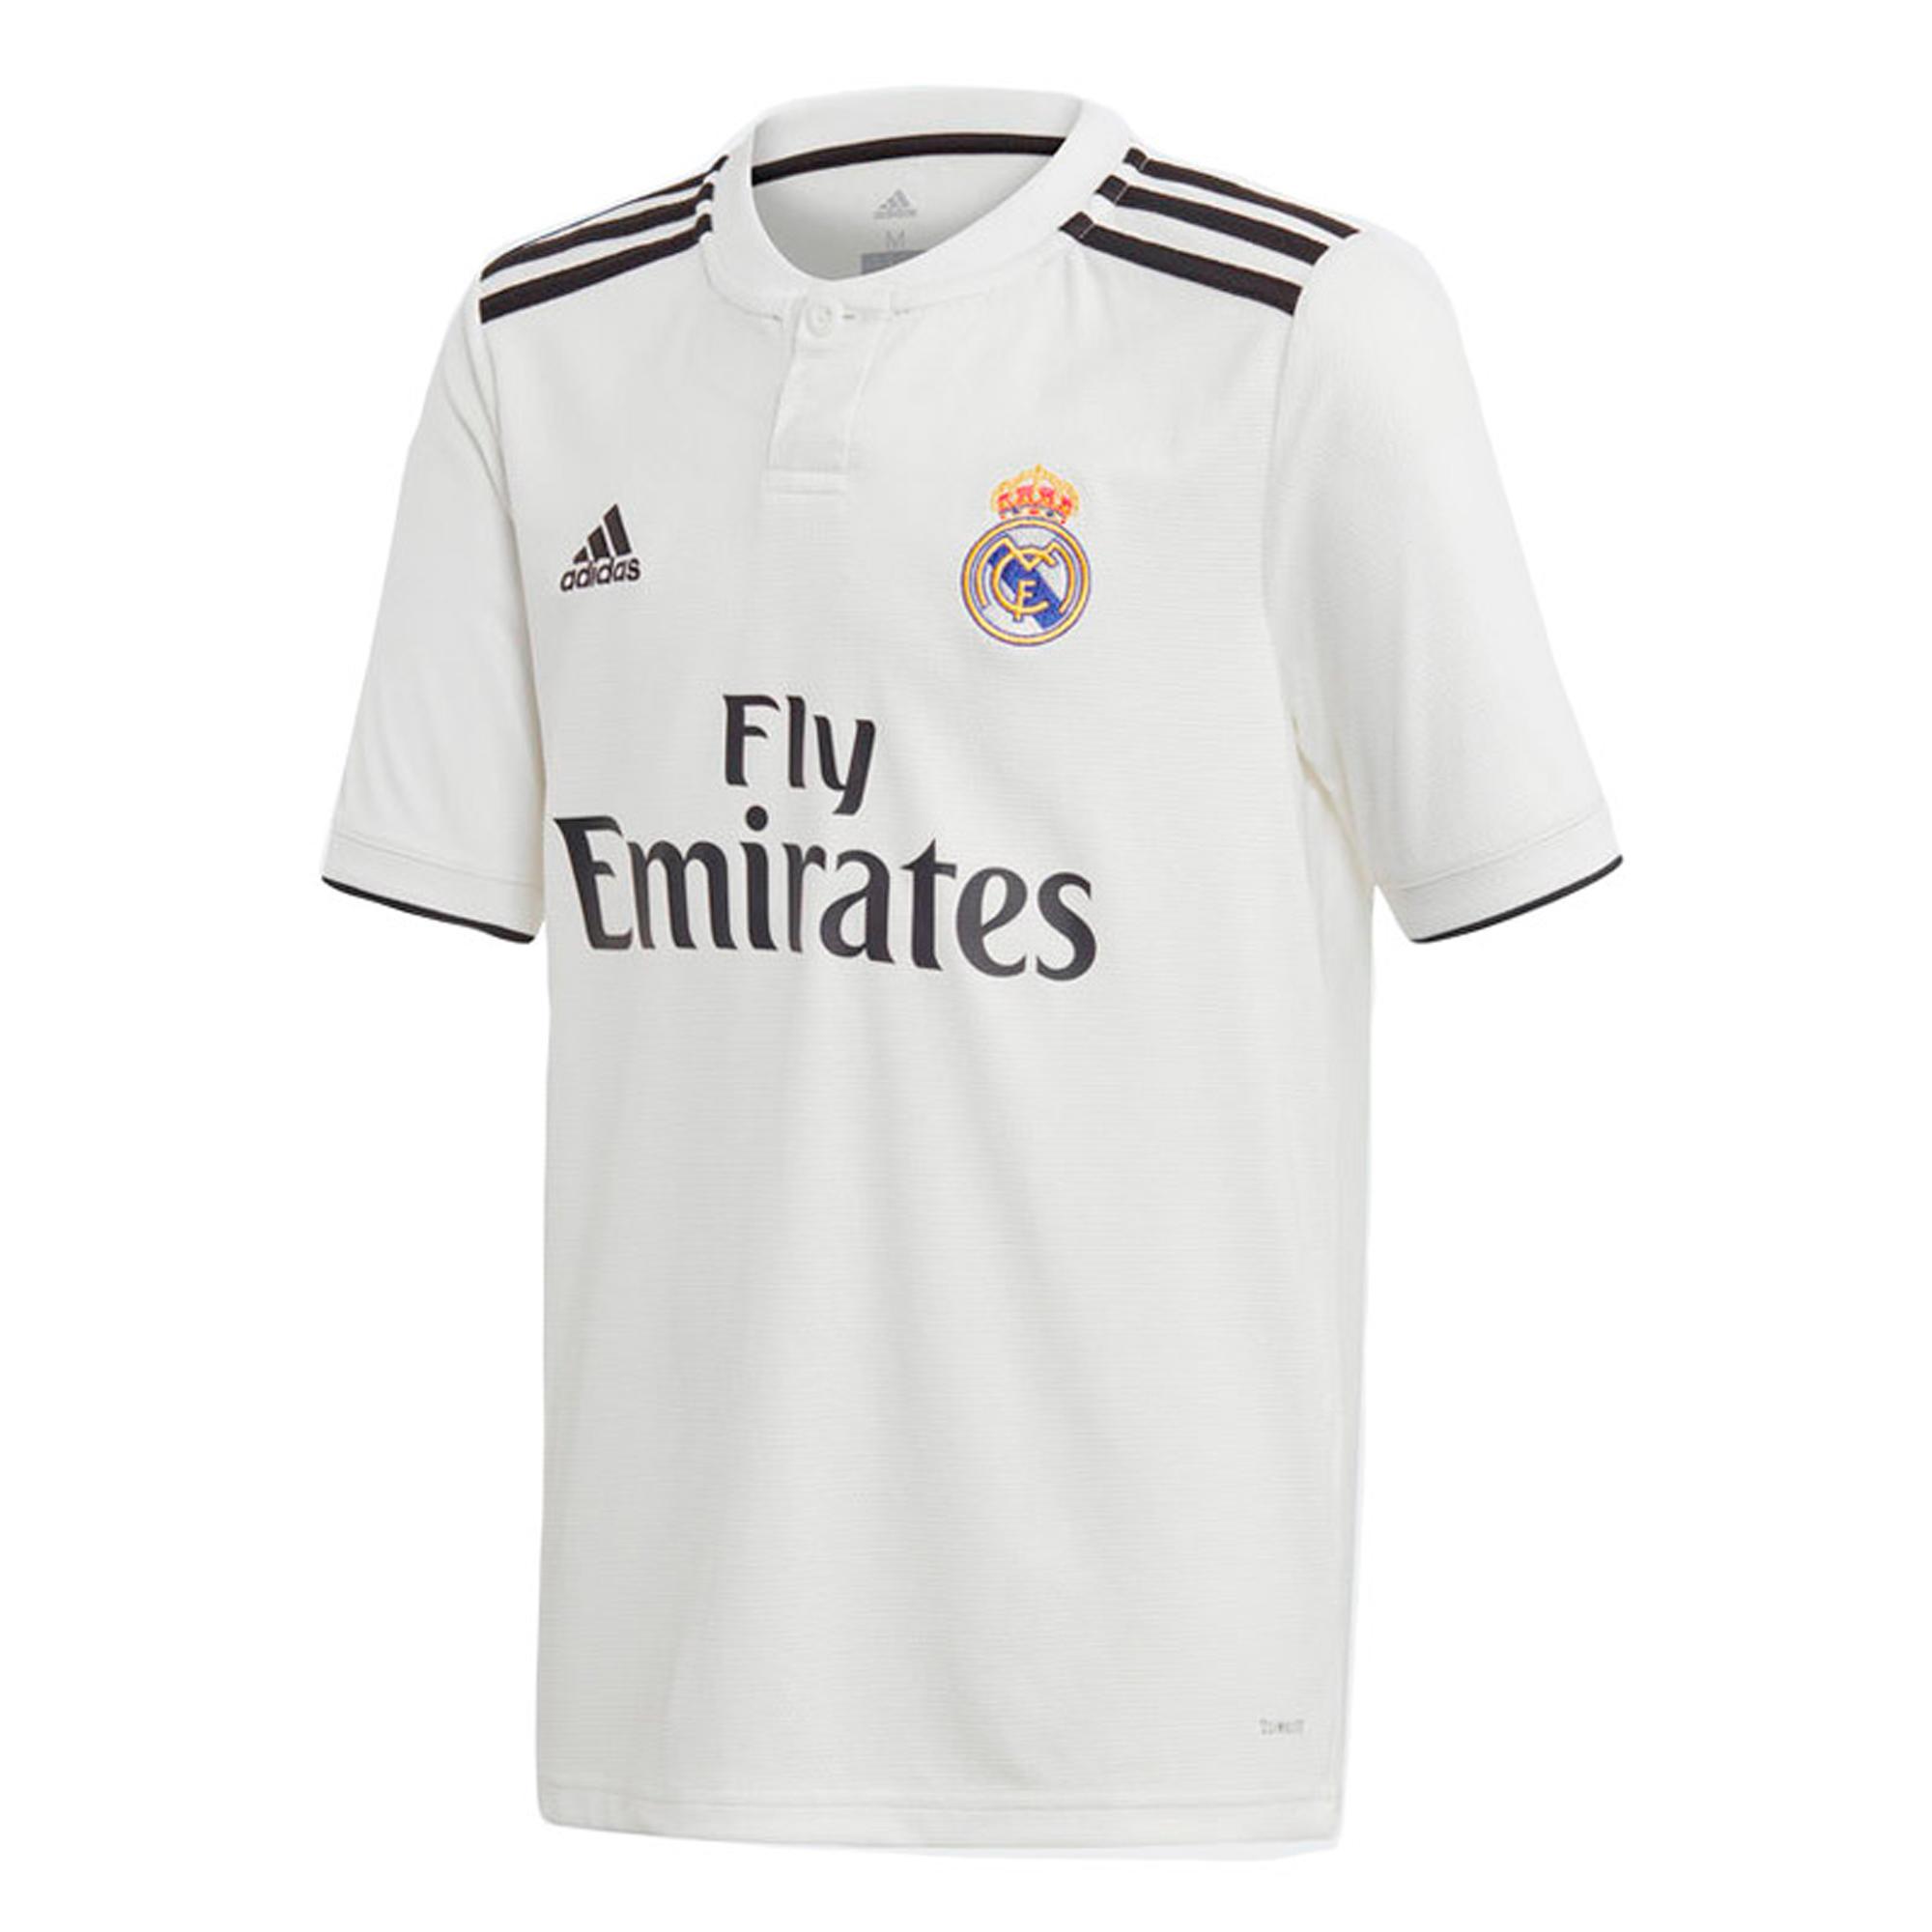 códigos de cupón los Angeles ofrecer descuentos Camisetas Real Madrid | Decathlon